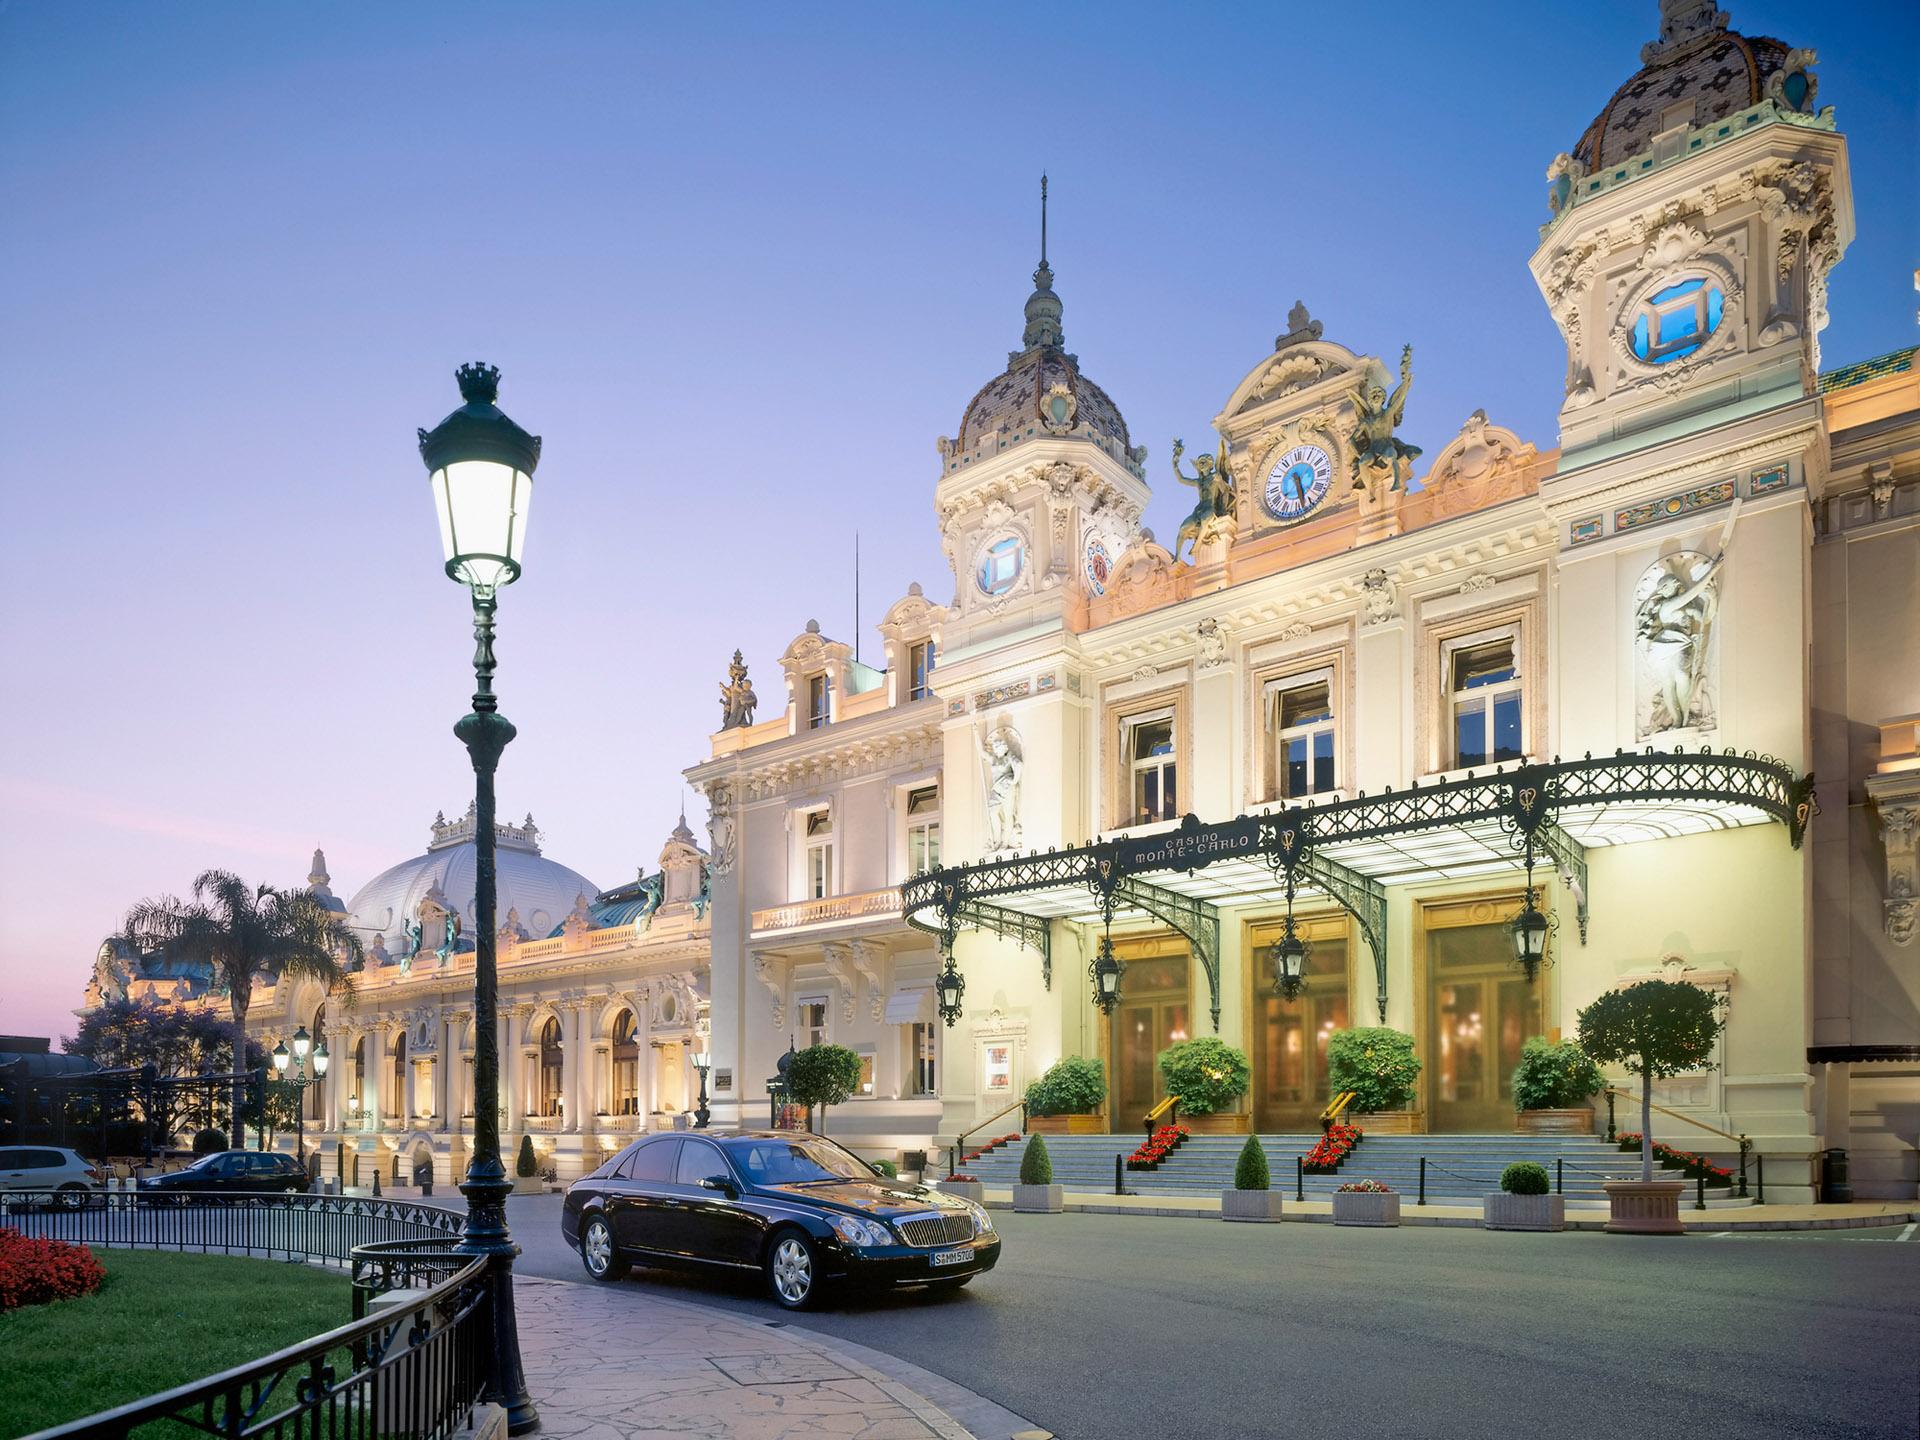 モンテ・カルロ(モナコ) 壁紙 - Monte-Carlo, Monaco WALLPAPER